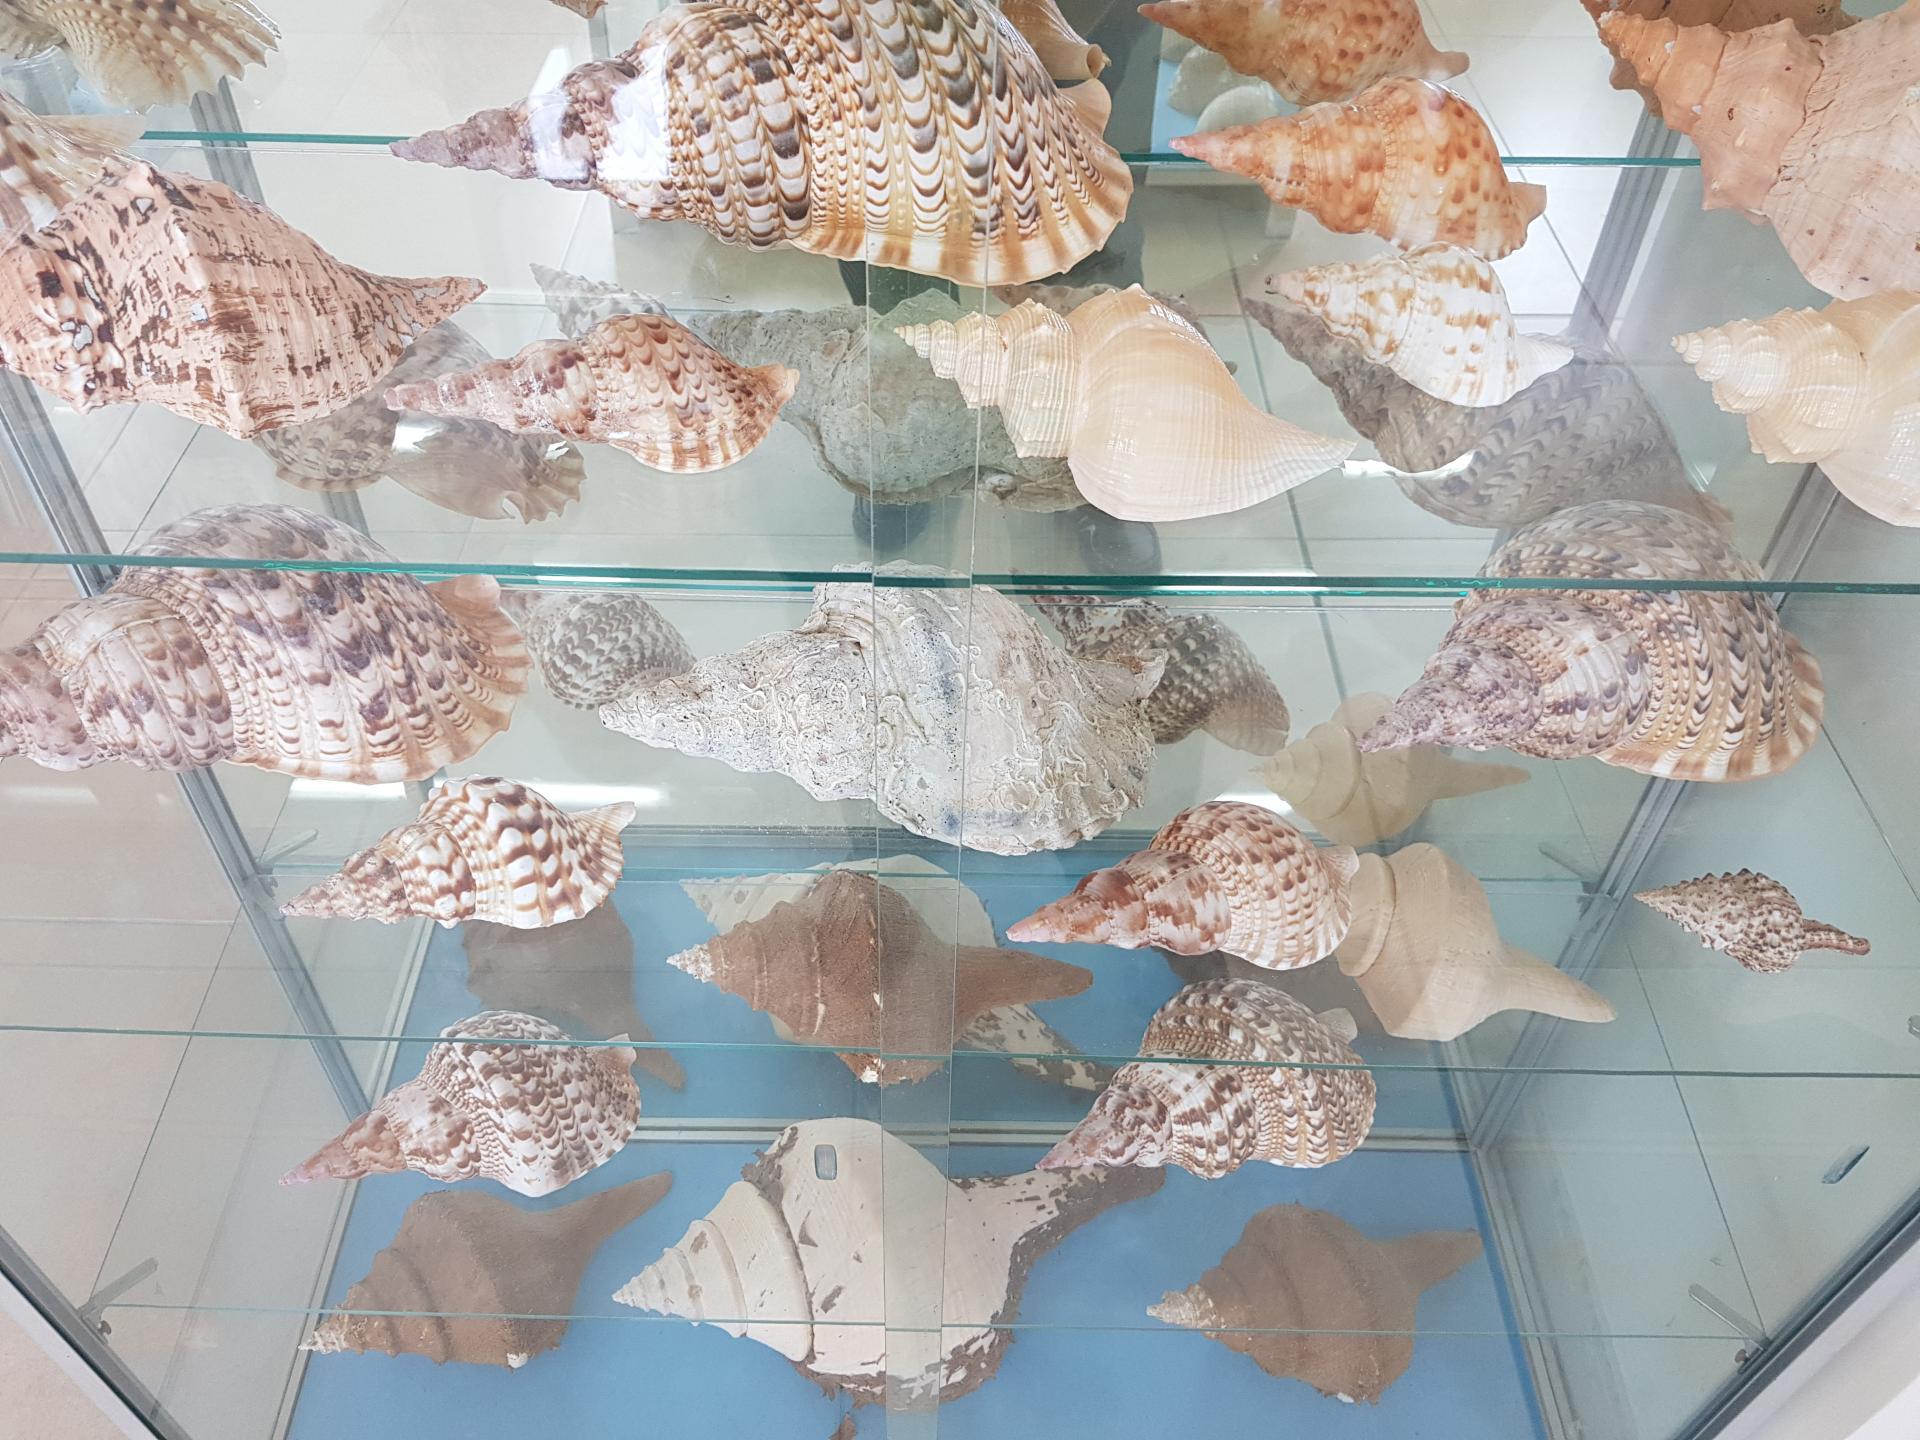 ракушки в музее ракушек, Бенитсес